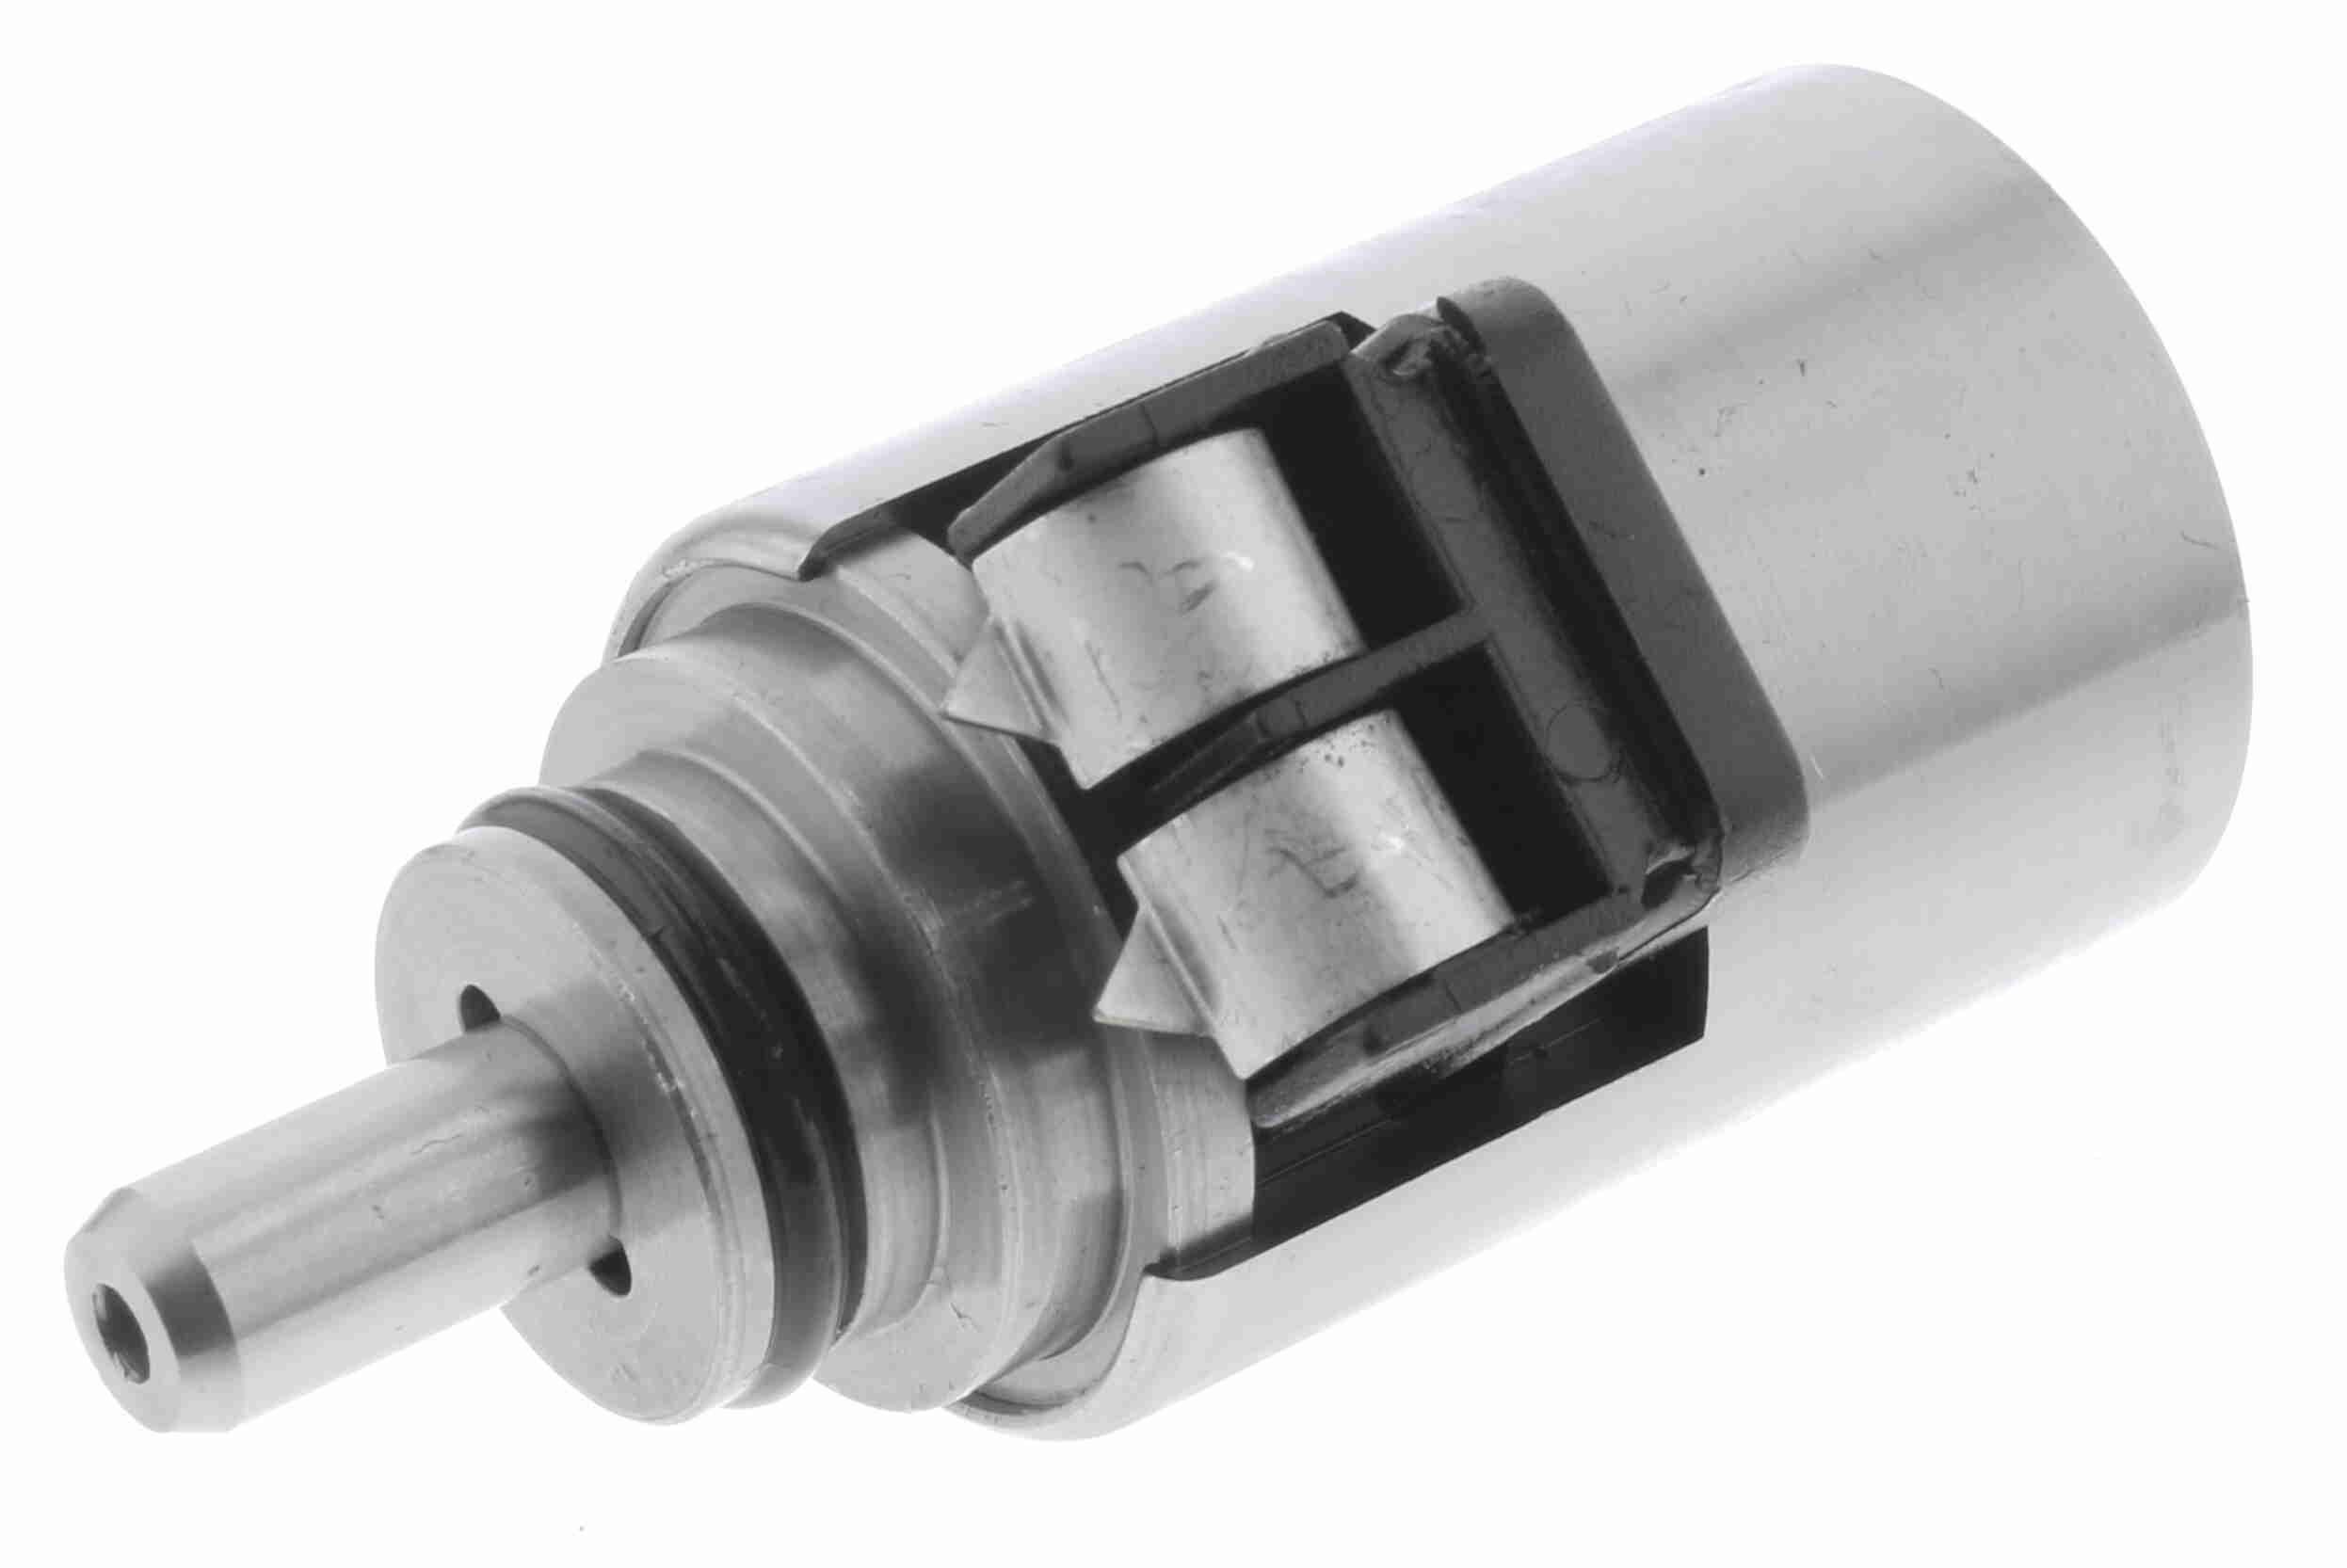 MERCEDES-BENZ A-Klasse Schaltventil, Automatikgetriebe - Original VEMO V30-77-1013